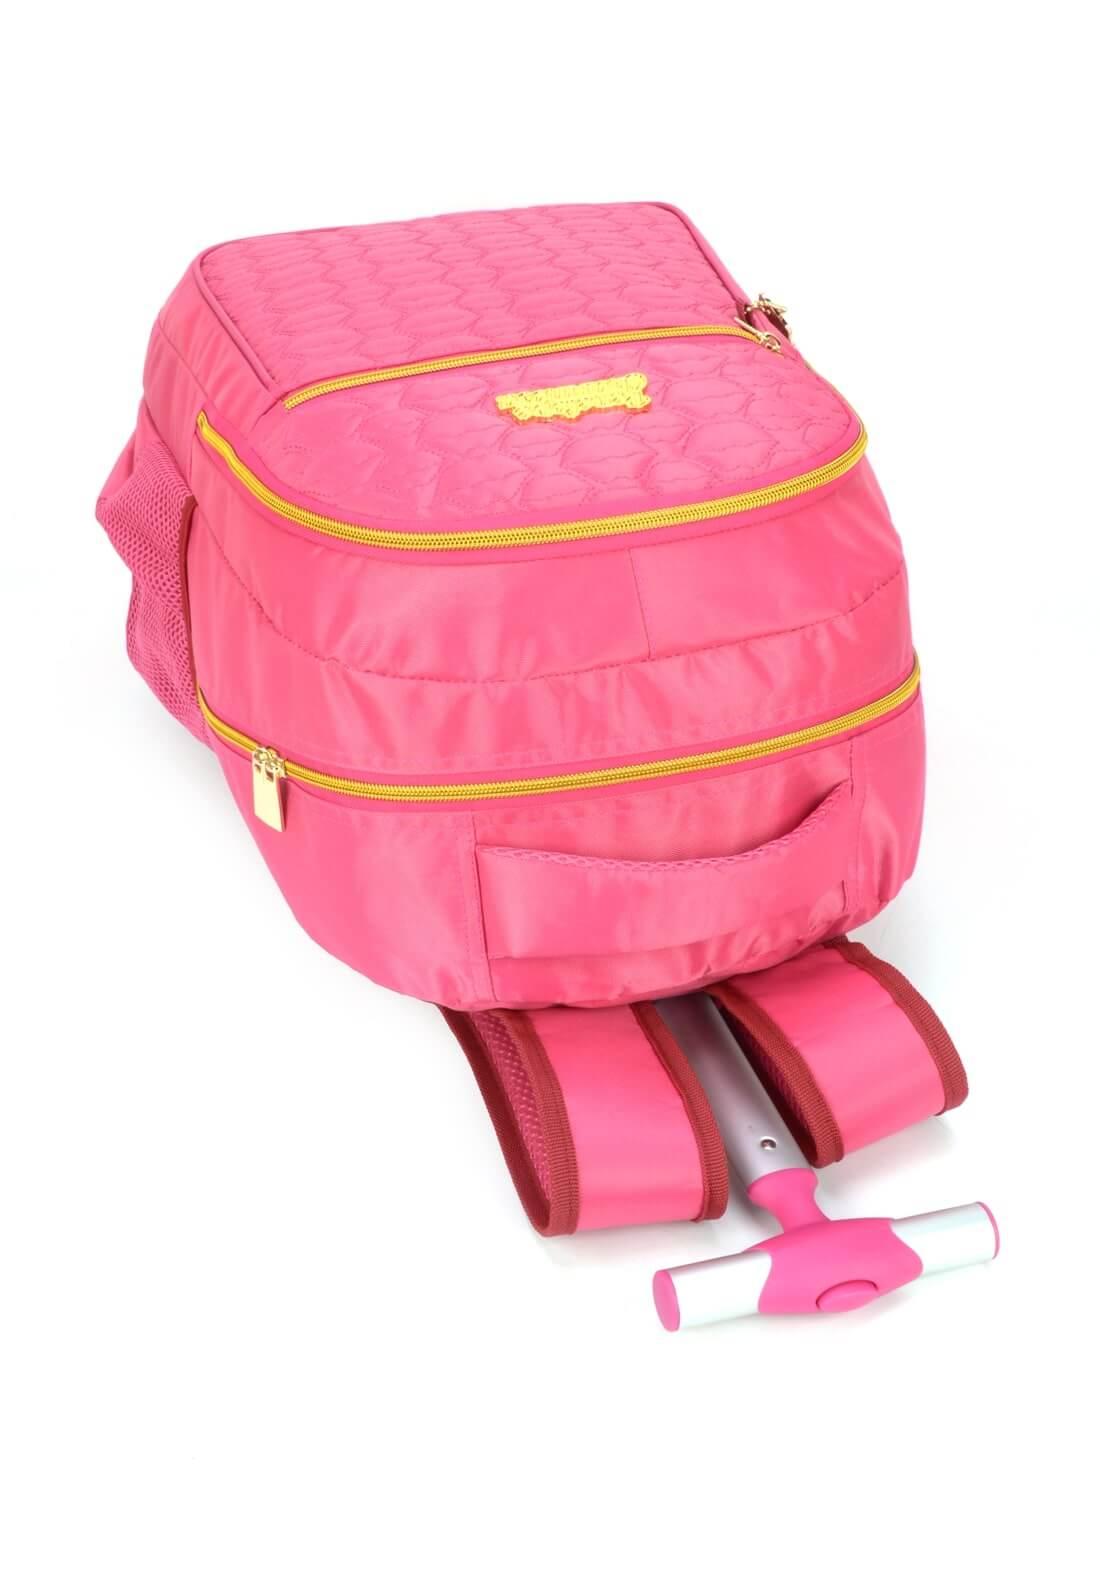 Mochila Carrinho Notebook Penélope Charmosa Pink Original